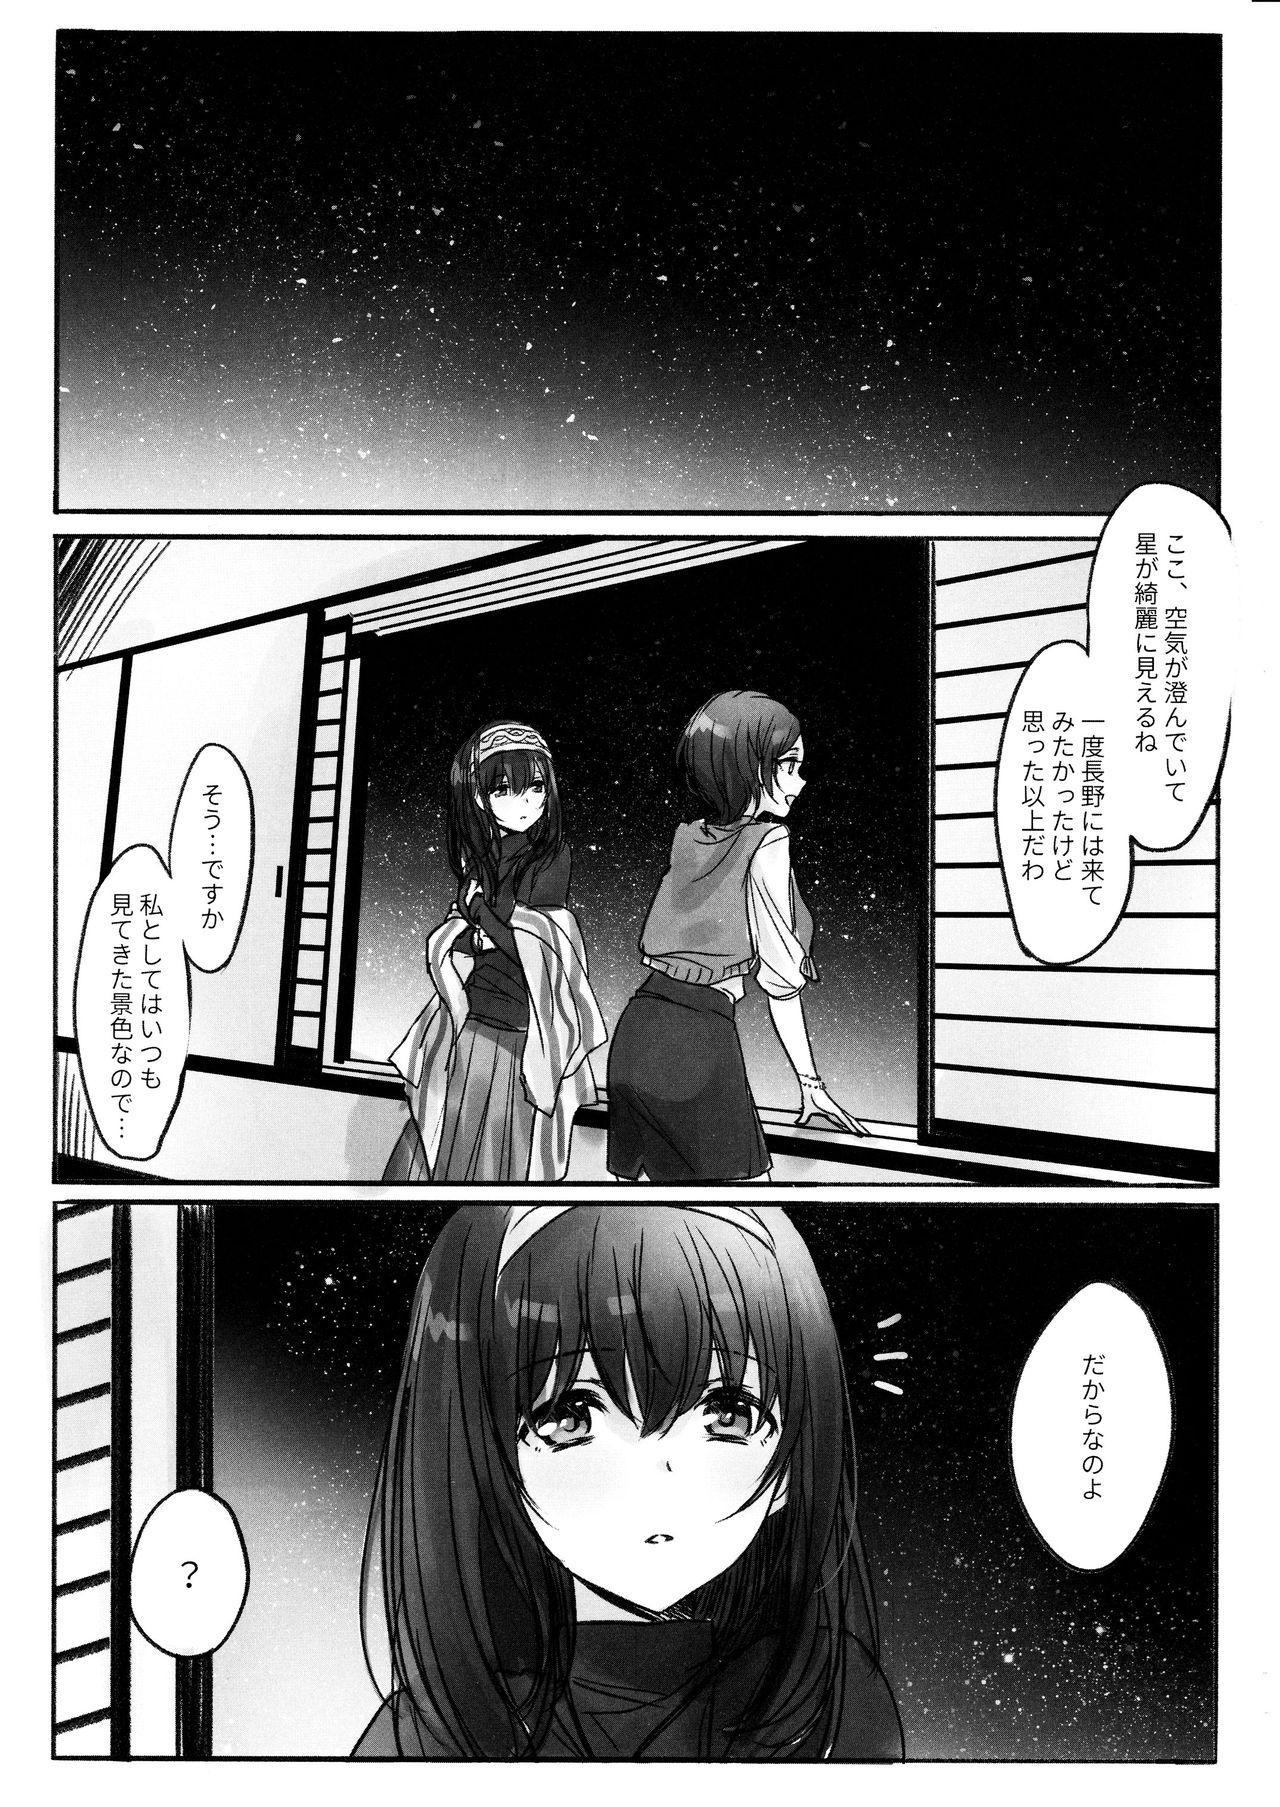 Kanade-san, Onsen ni Issho ni Hairimasenka 2